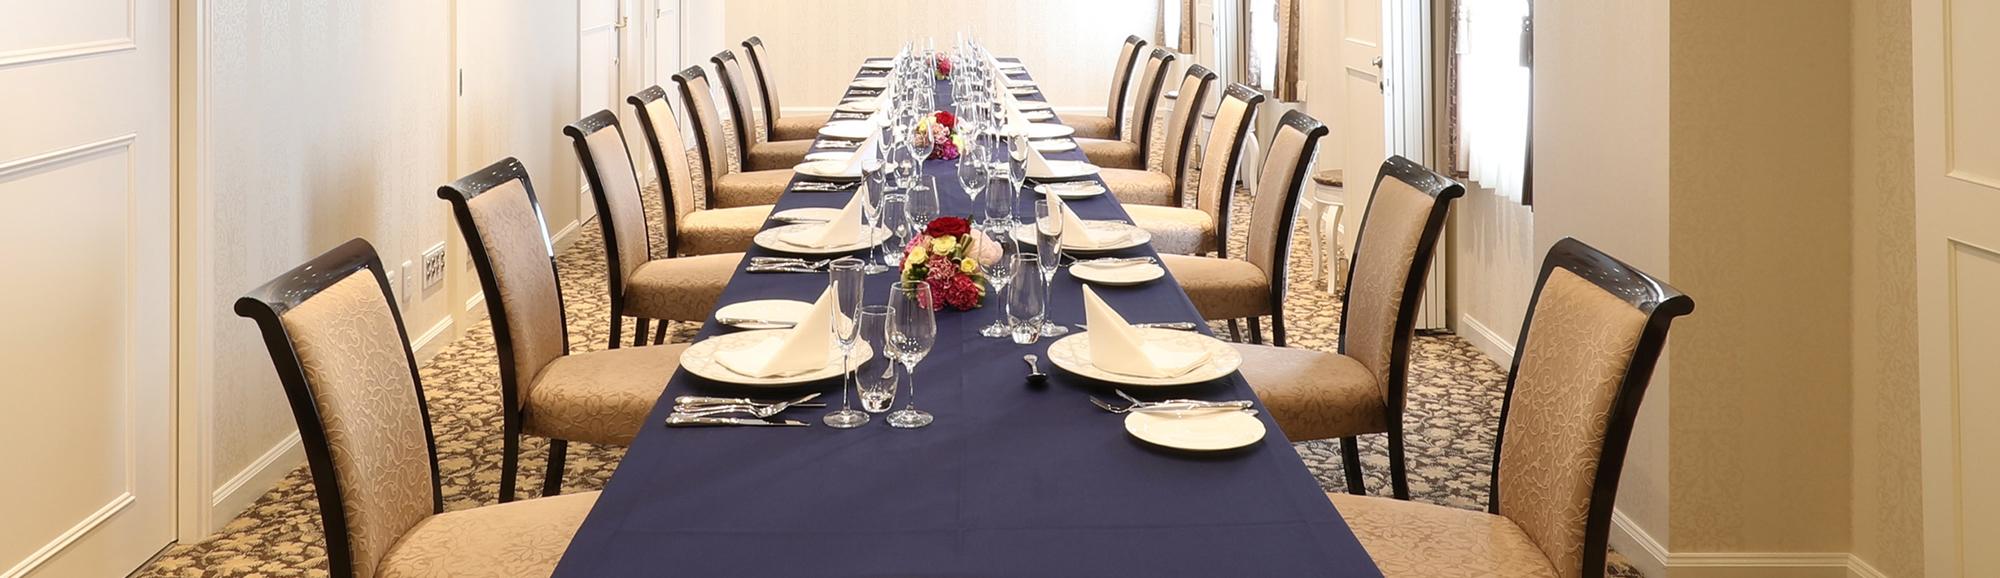 ちょっとした会食やご親族、お客様のお控室としてゆったりとした空間をご提供いたします